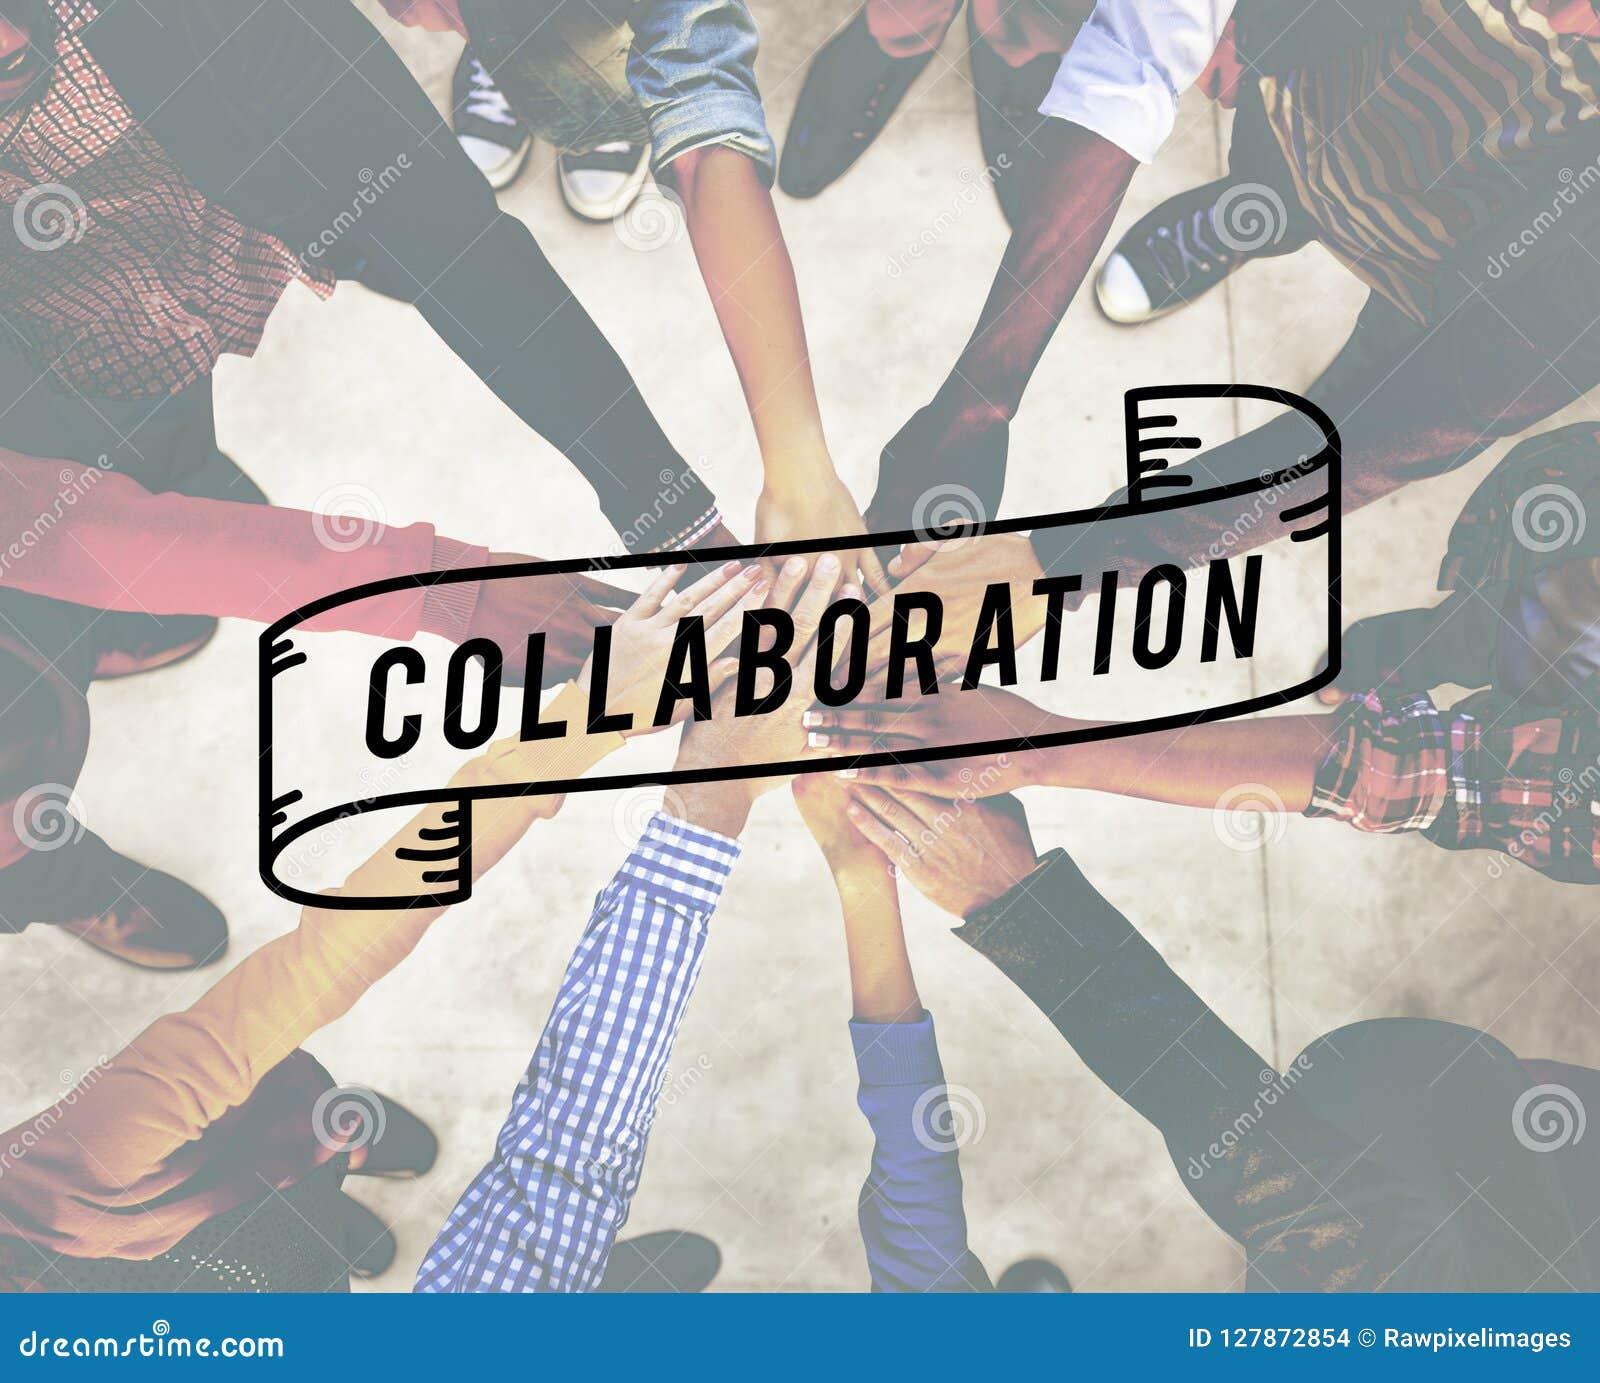 La colaboración colabora concepto corporativo de la conexión